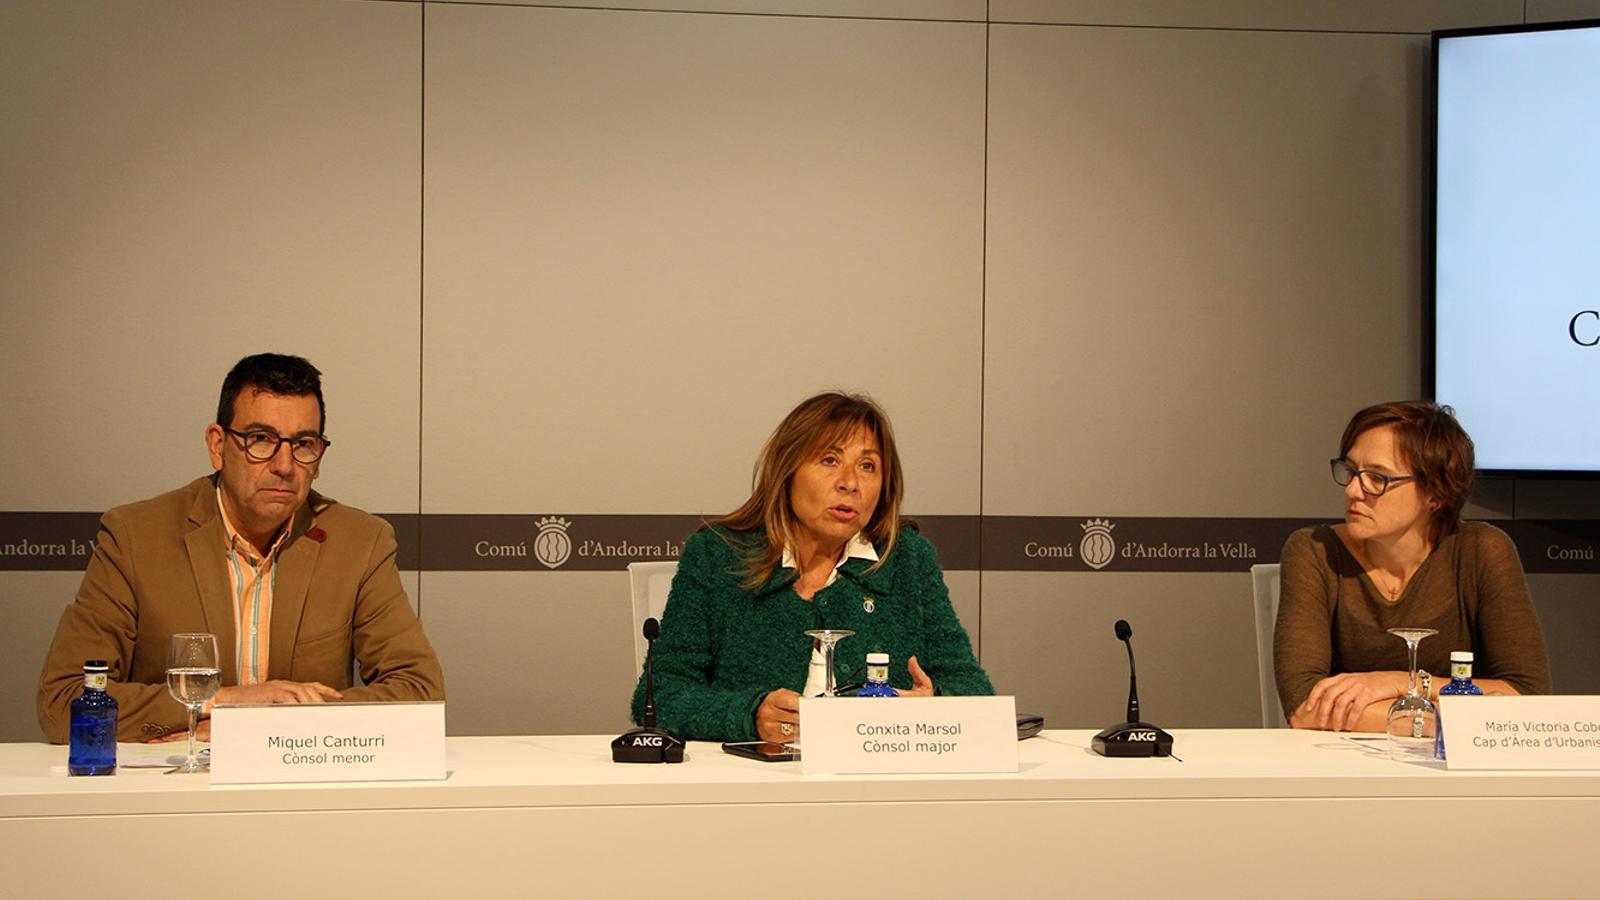 Els cònsols menor i major d'Andorra la Vella, Miquel Canturri i Conxita Marsol, juntament amb la cap d'àrea d'Urbanisme del comú, María Victoria Cobo, en la presentació del projecte de reconstrucció dels Serradells. / M. F. (ANA)